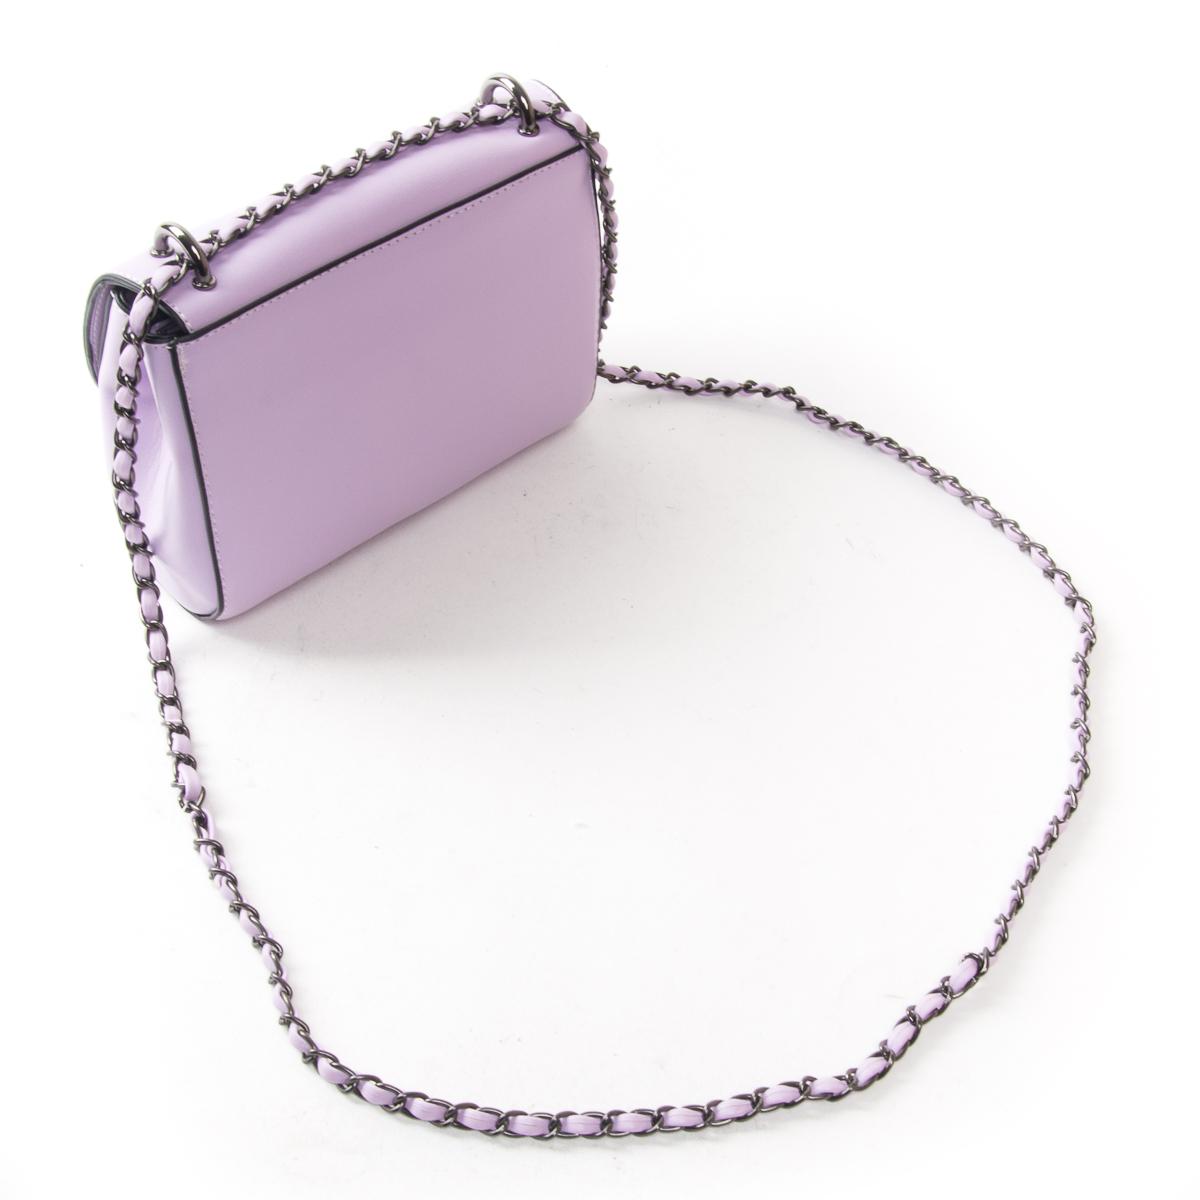 Сумка Женская Классическая иск-кожа FASHION 01-00 9909 purple - фото 4